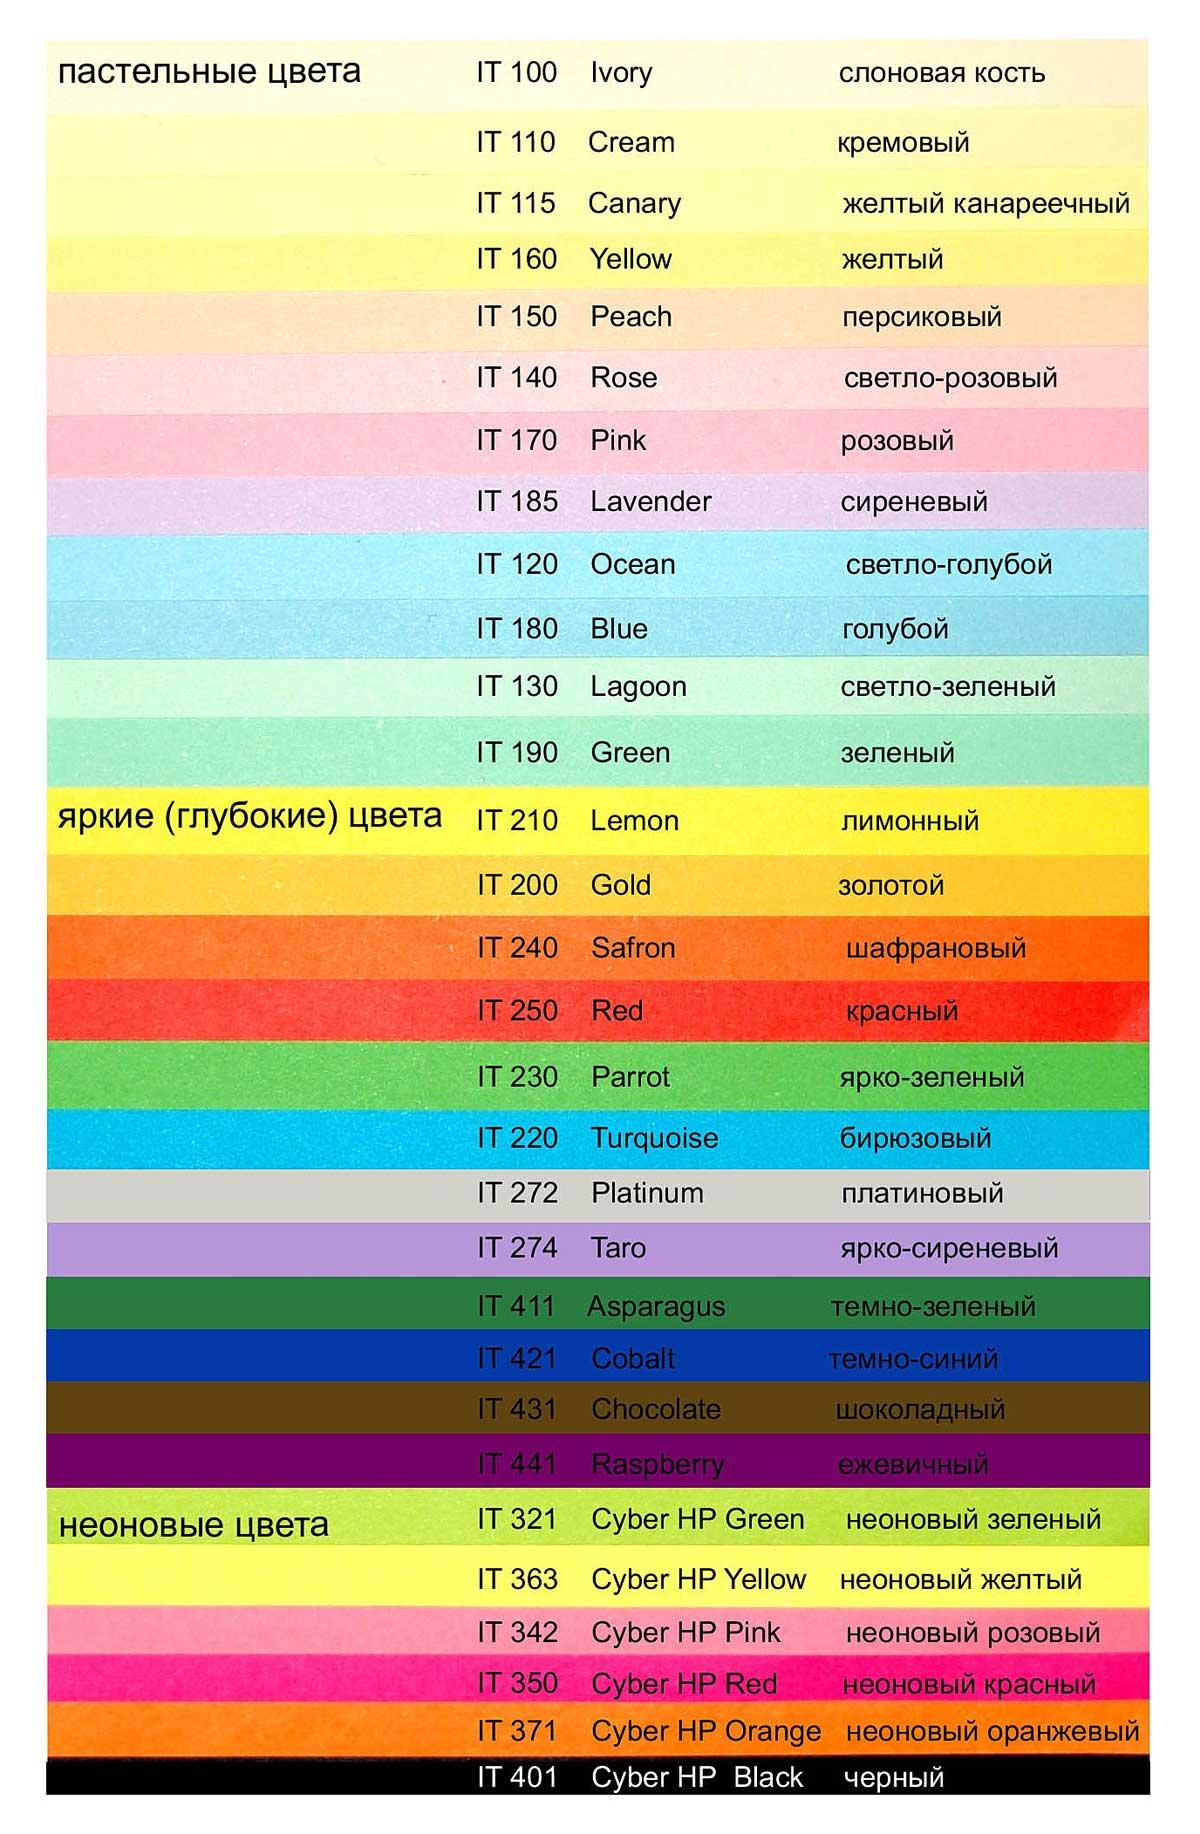 Бумага цветная Color A4 интенсив 160гр./м2. Lemon, 250листов, желт. Spectra Color - фото 3